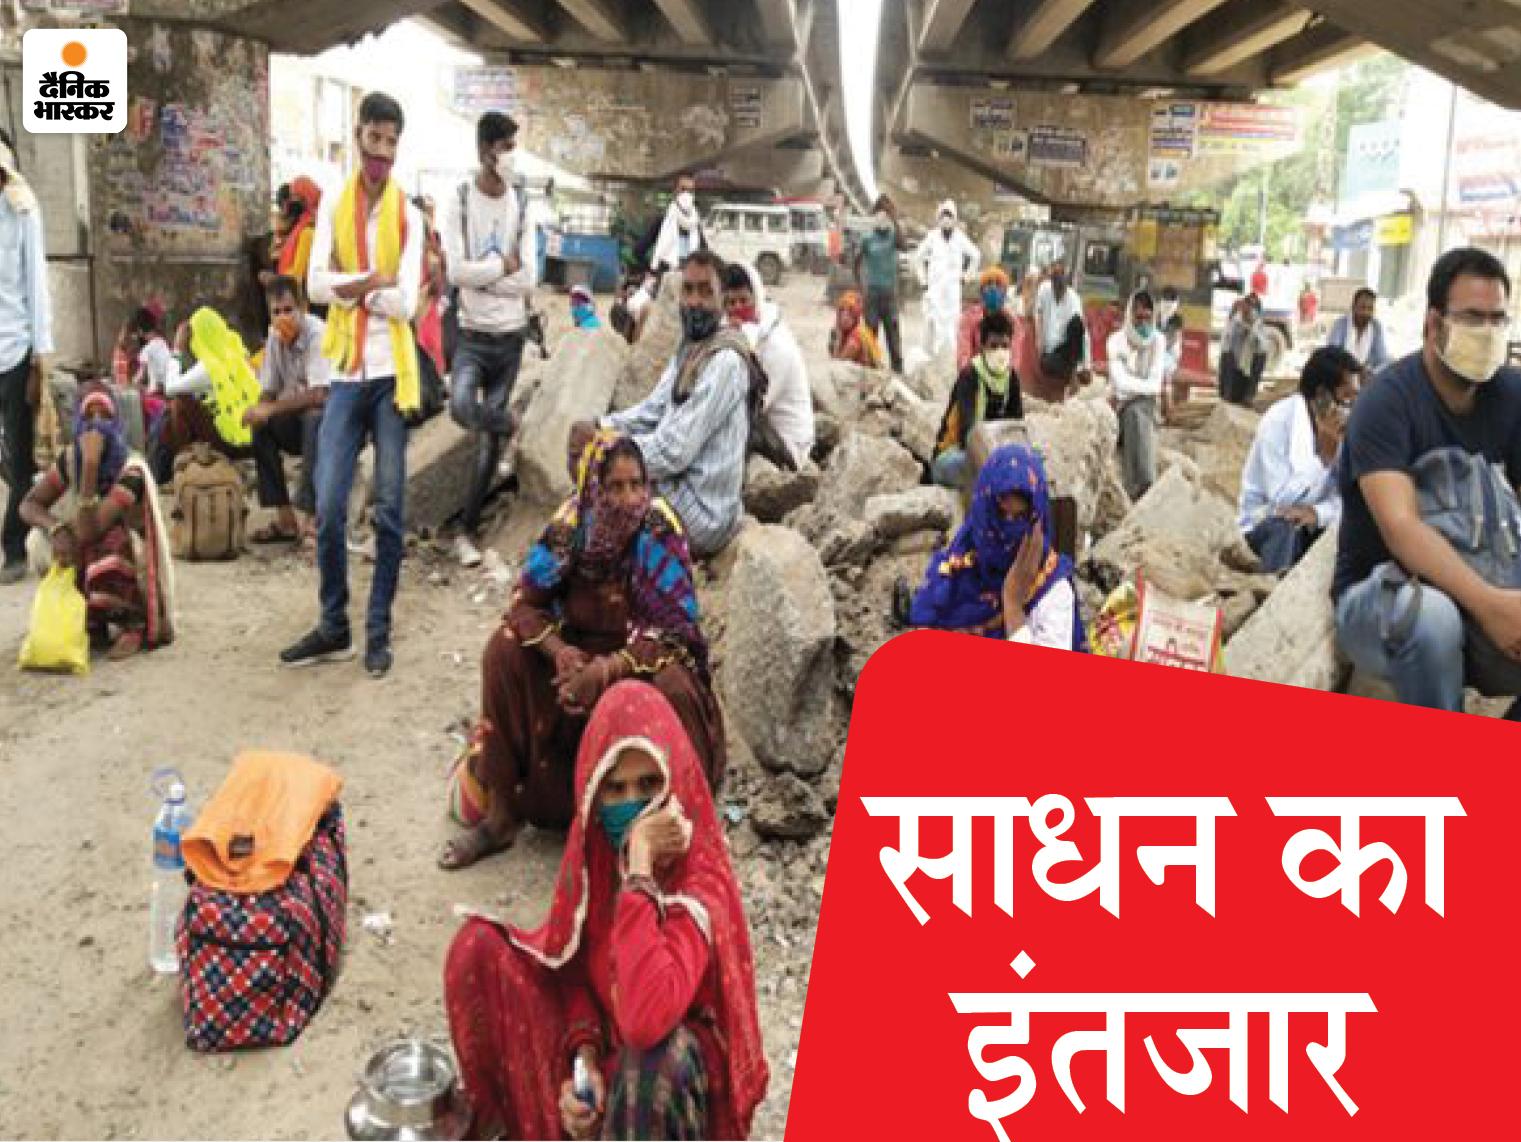 जयपुर, जोधपुर, कोटा सहित 9 जिलों में हो रहीं 70% मौतें, 64 दिन बाद नए मरीजों से ज्यादा हुए रिकवर जयपुर,Jaipur - Dainik Bhaskar